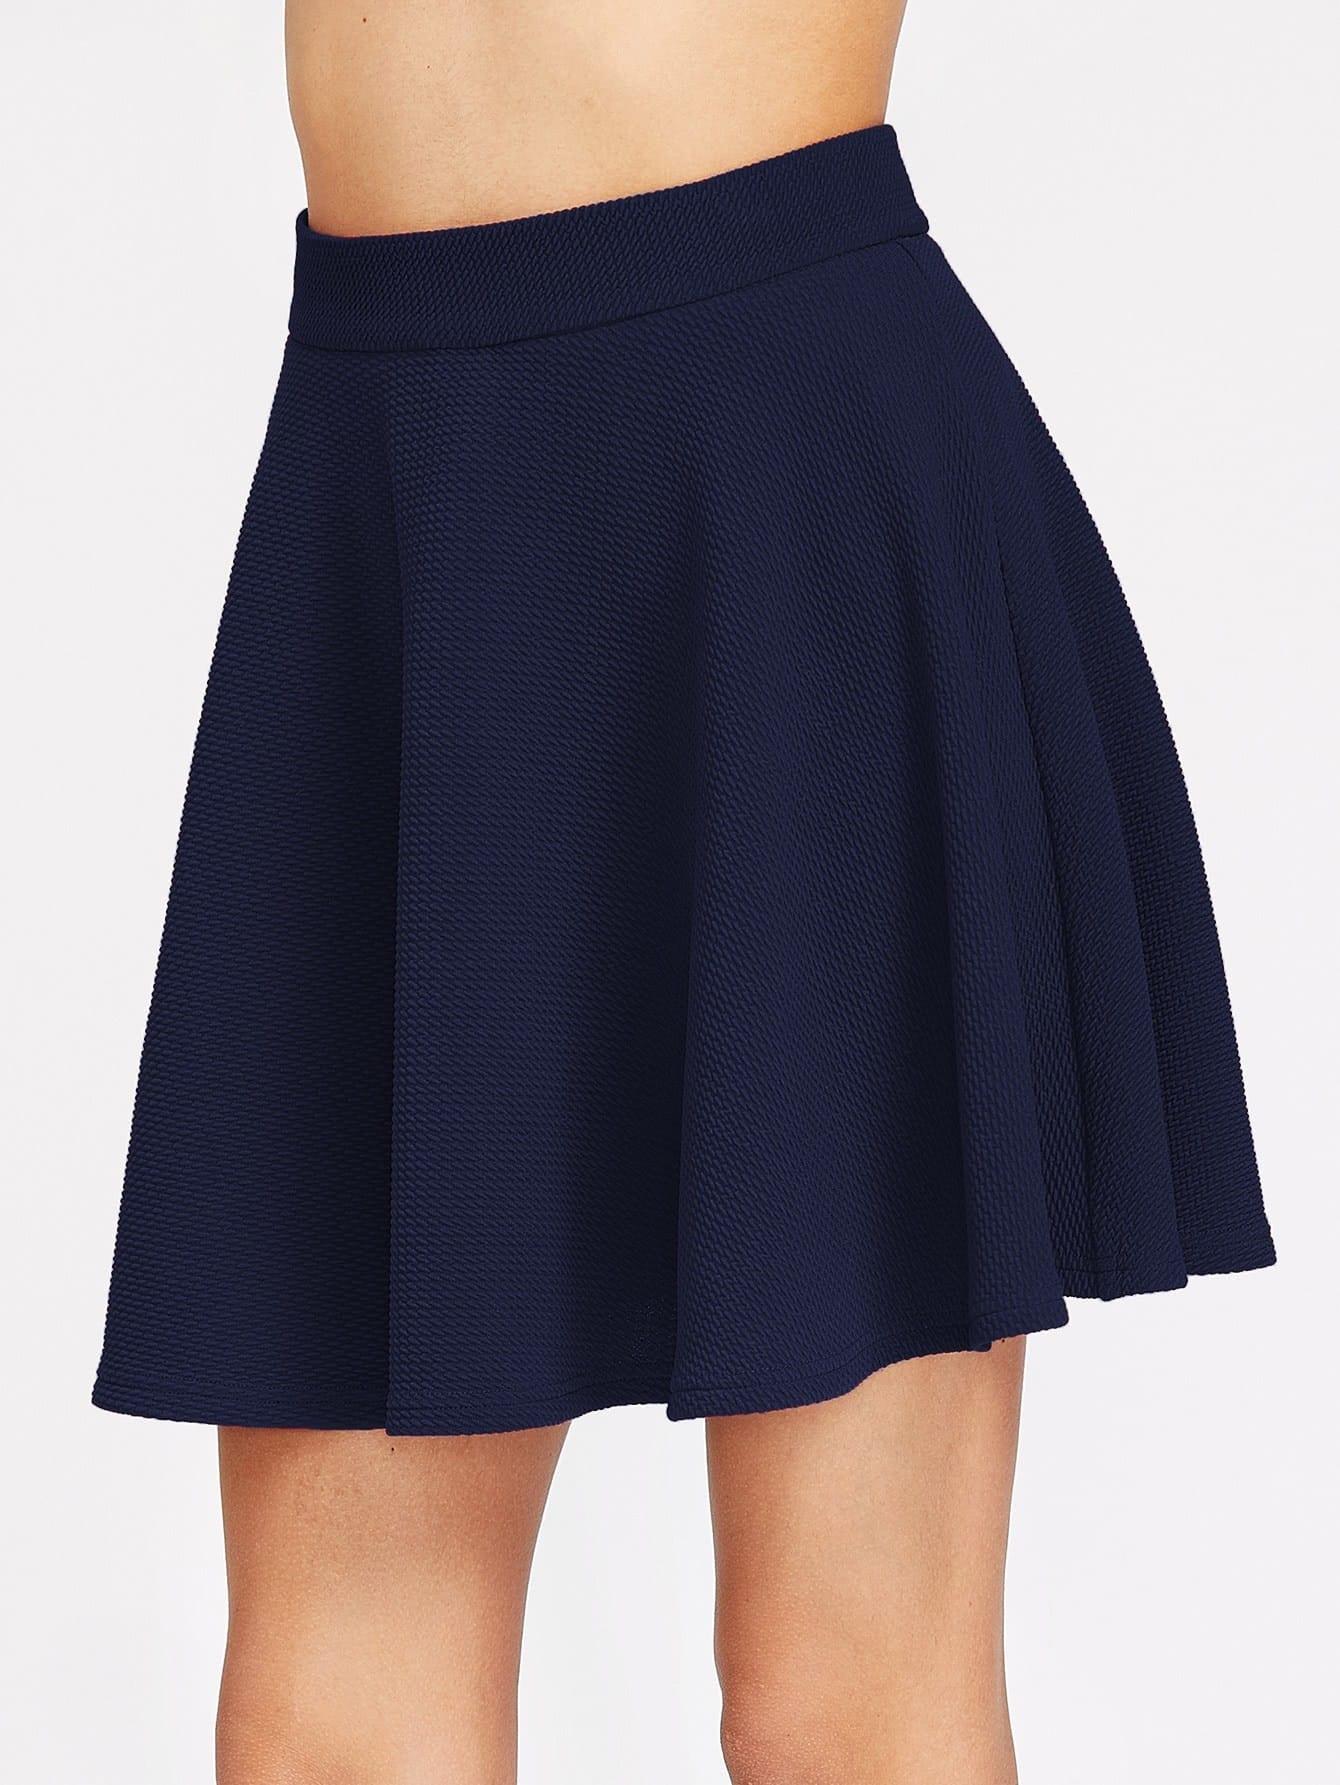 Zip Back Textured Skater Skirt ornate print textured skirt